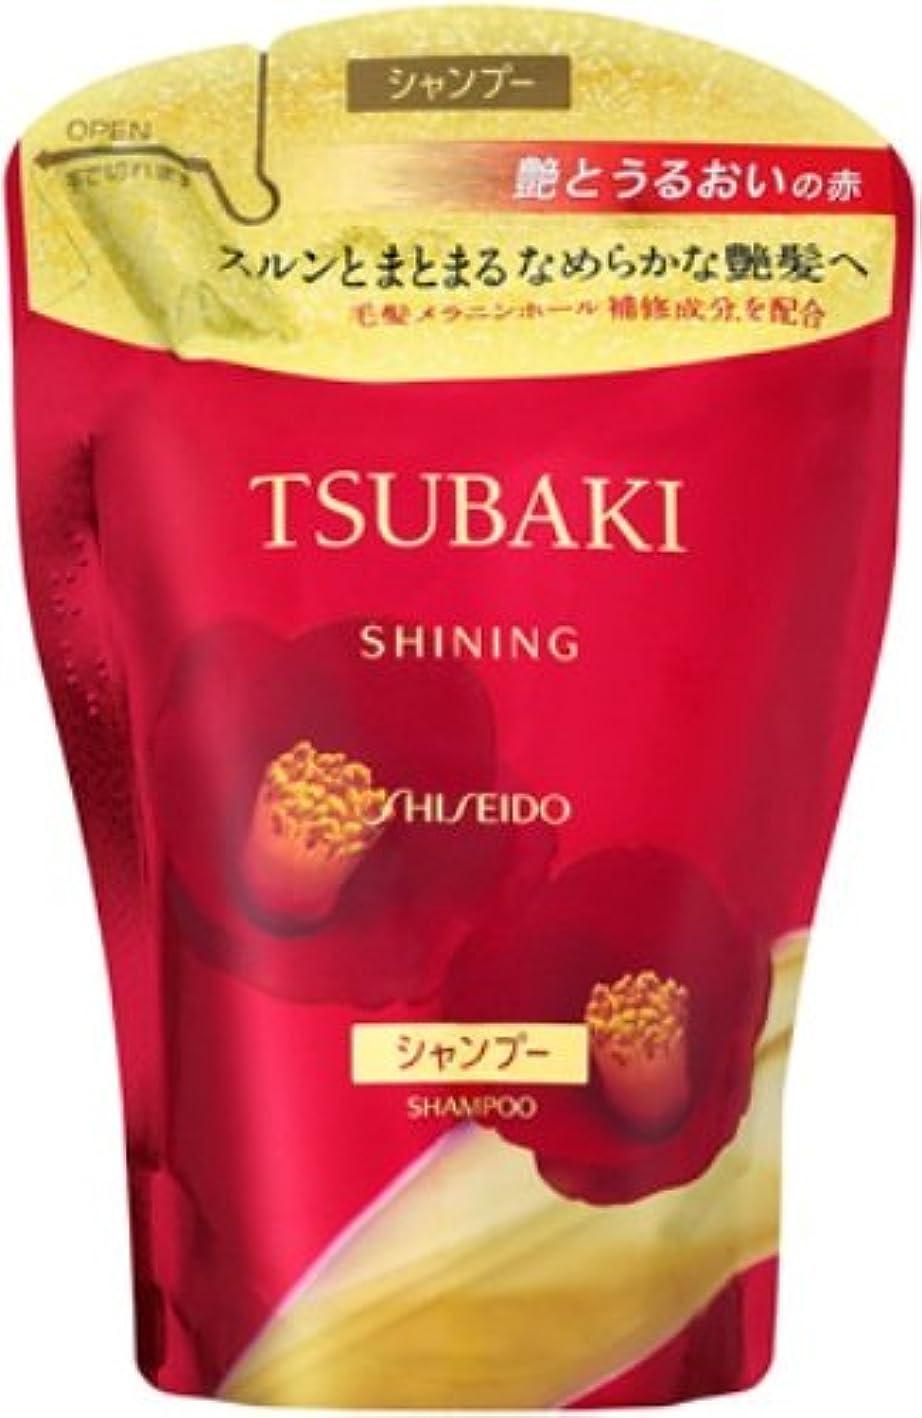 毒脚本放散するTSUBAKI シャイニングシャンプー つめかえ用 400mL